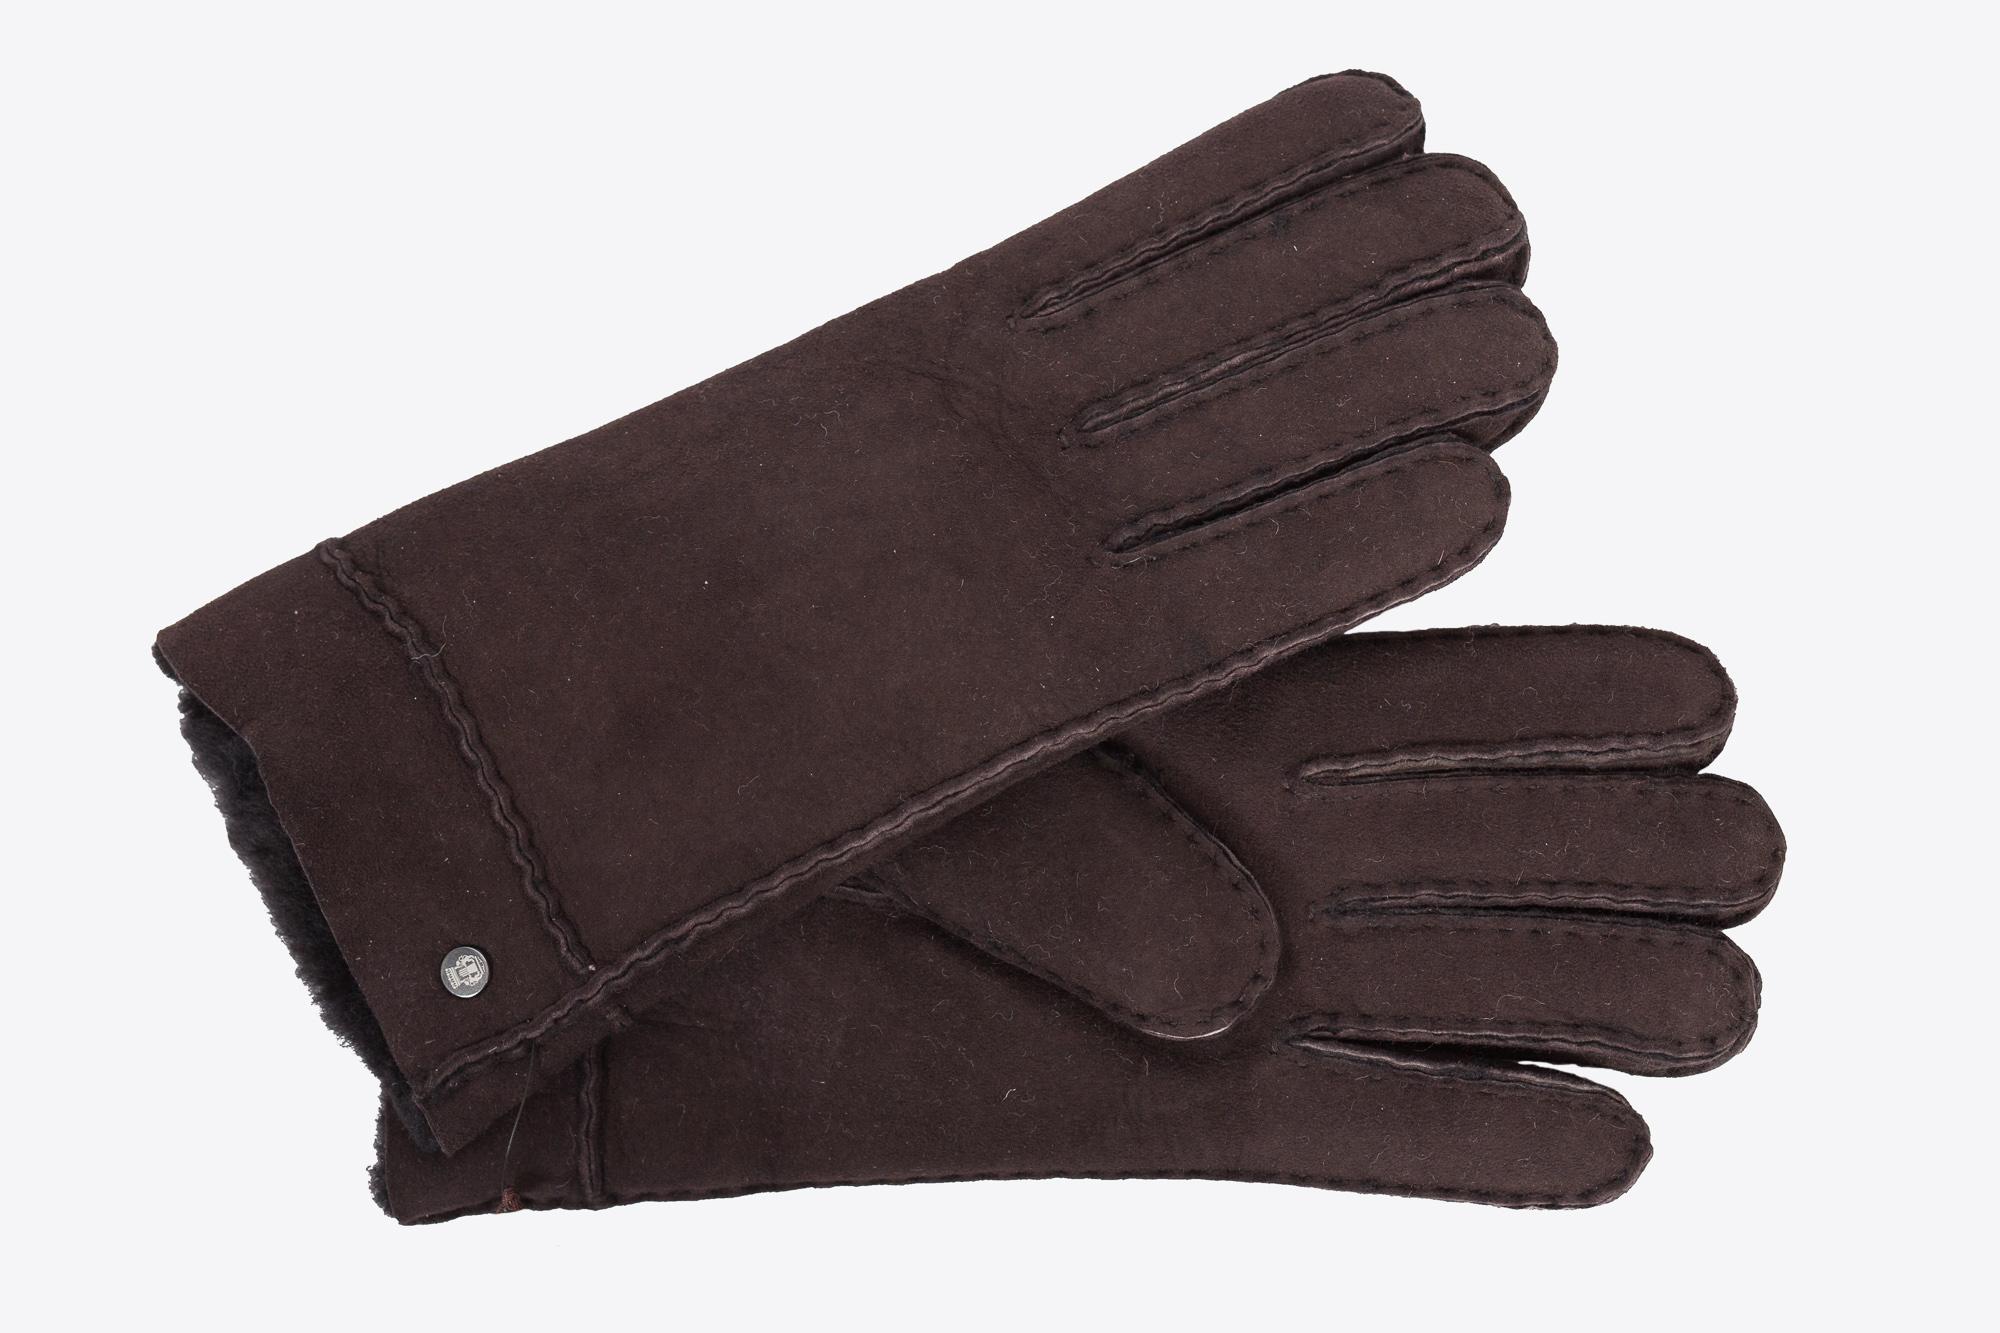 cf7e217bda363d Herrenhandschuhe | Handschuhe Herren | Ledermode Wagner